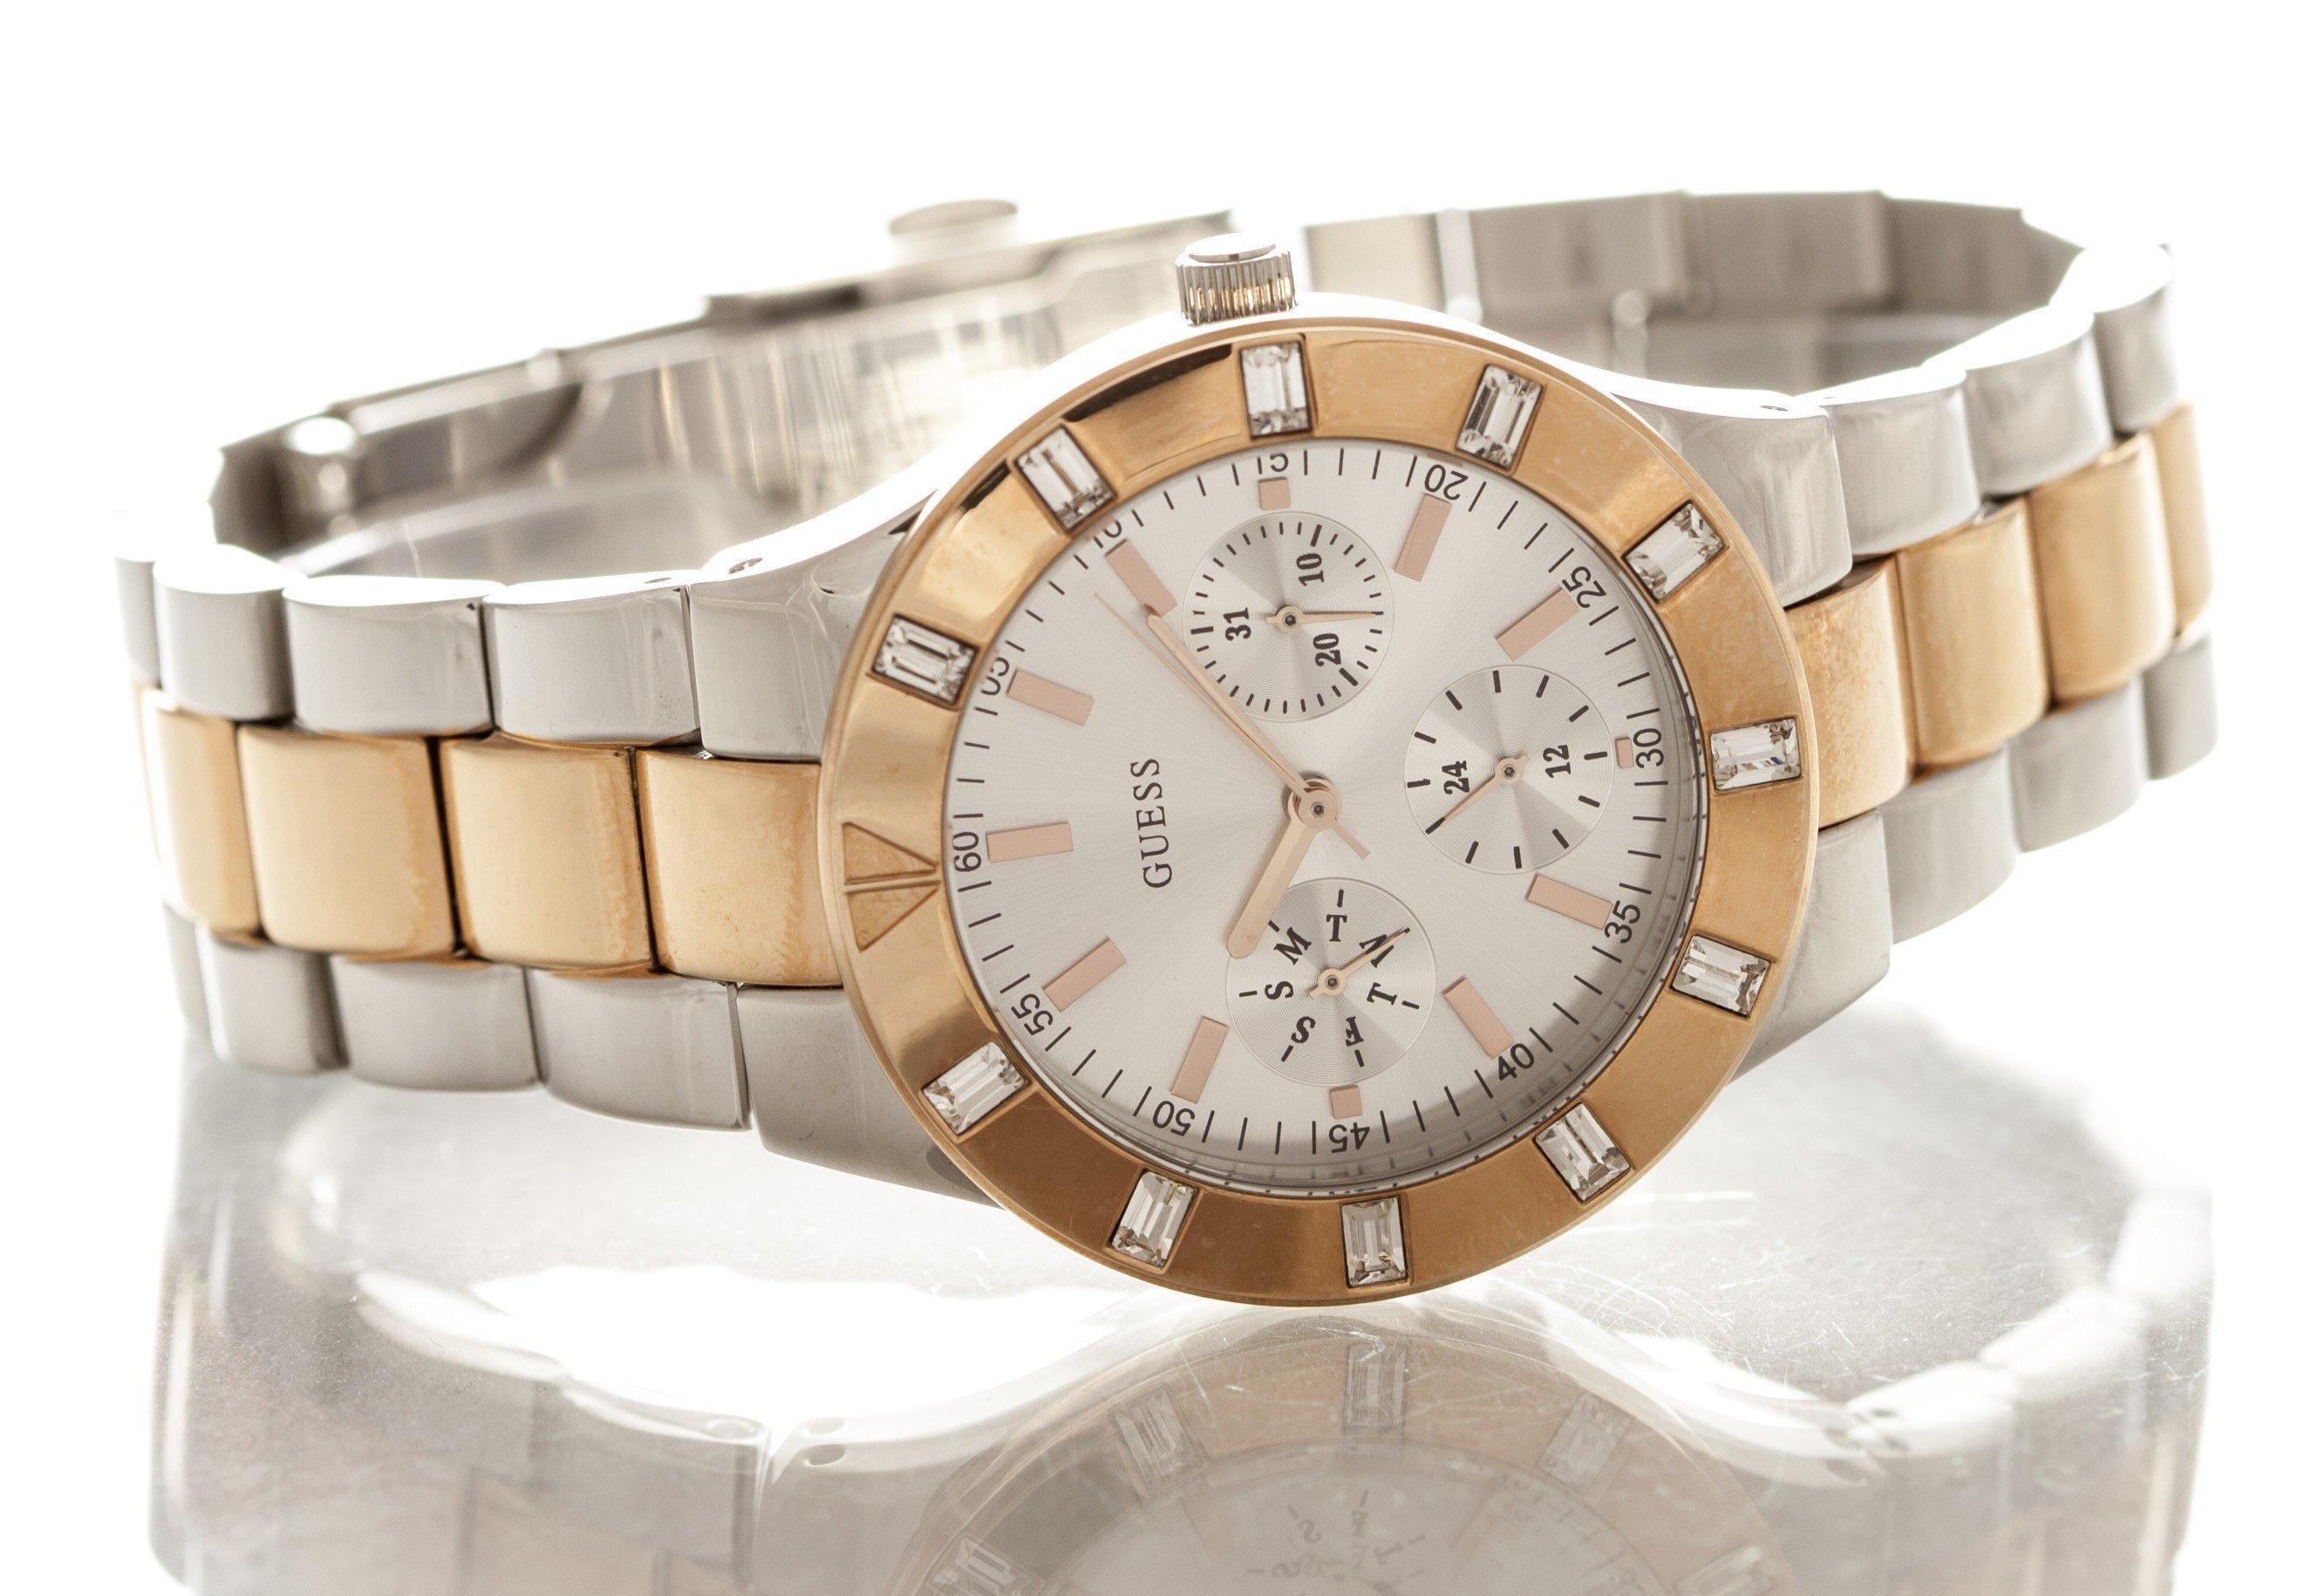 Часы Guess W14551L1 купить часы Гес W14551L1 в Киеве 26fafebefc816